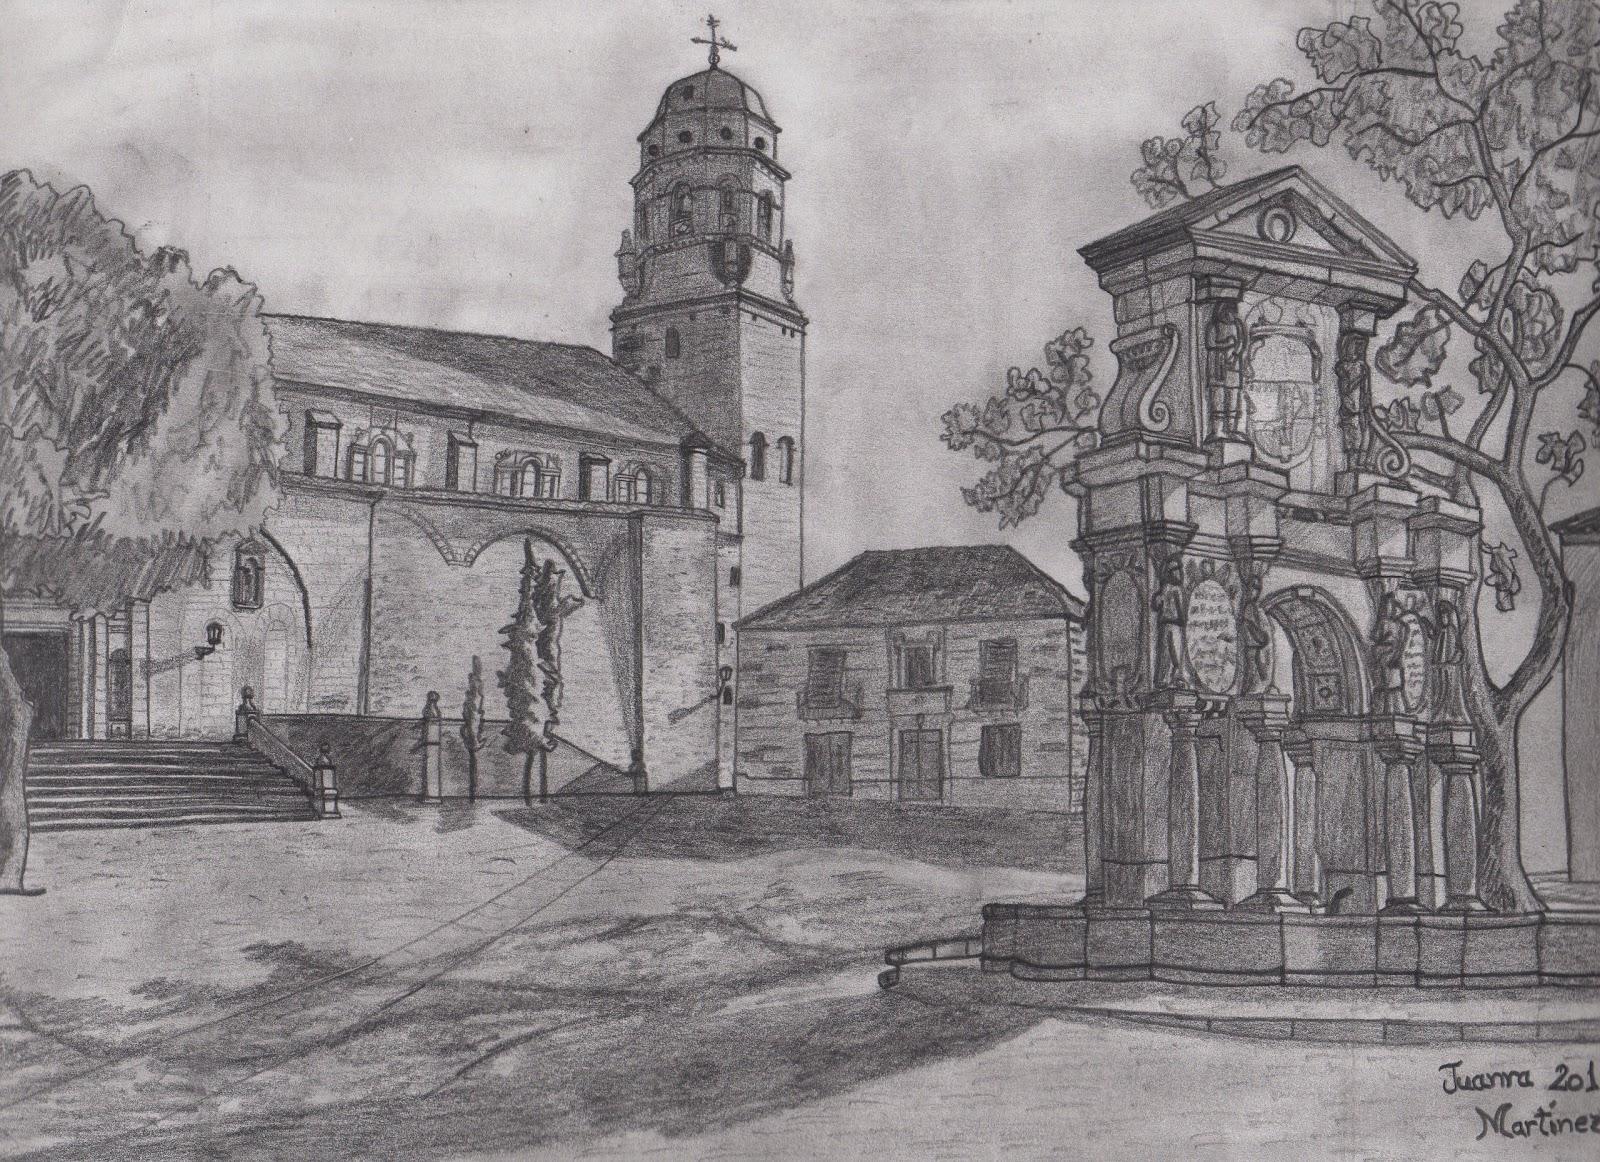 Juanra Martnez Snchez  Dibujos de Paisajes a lpiz y carboncillo